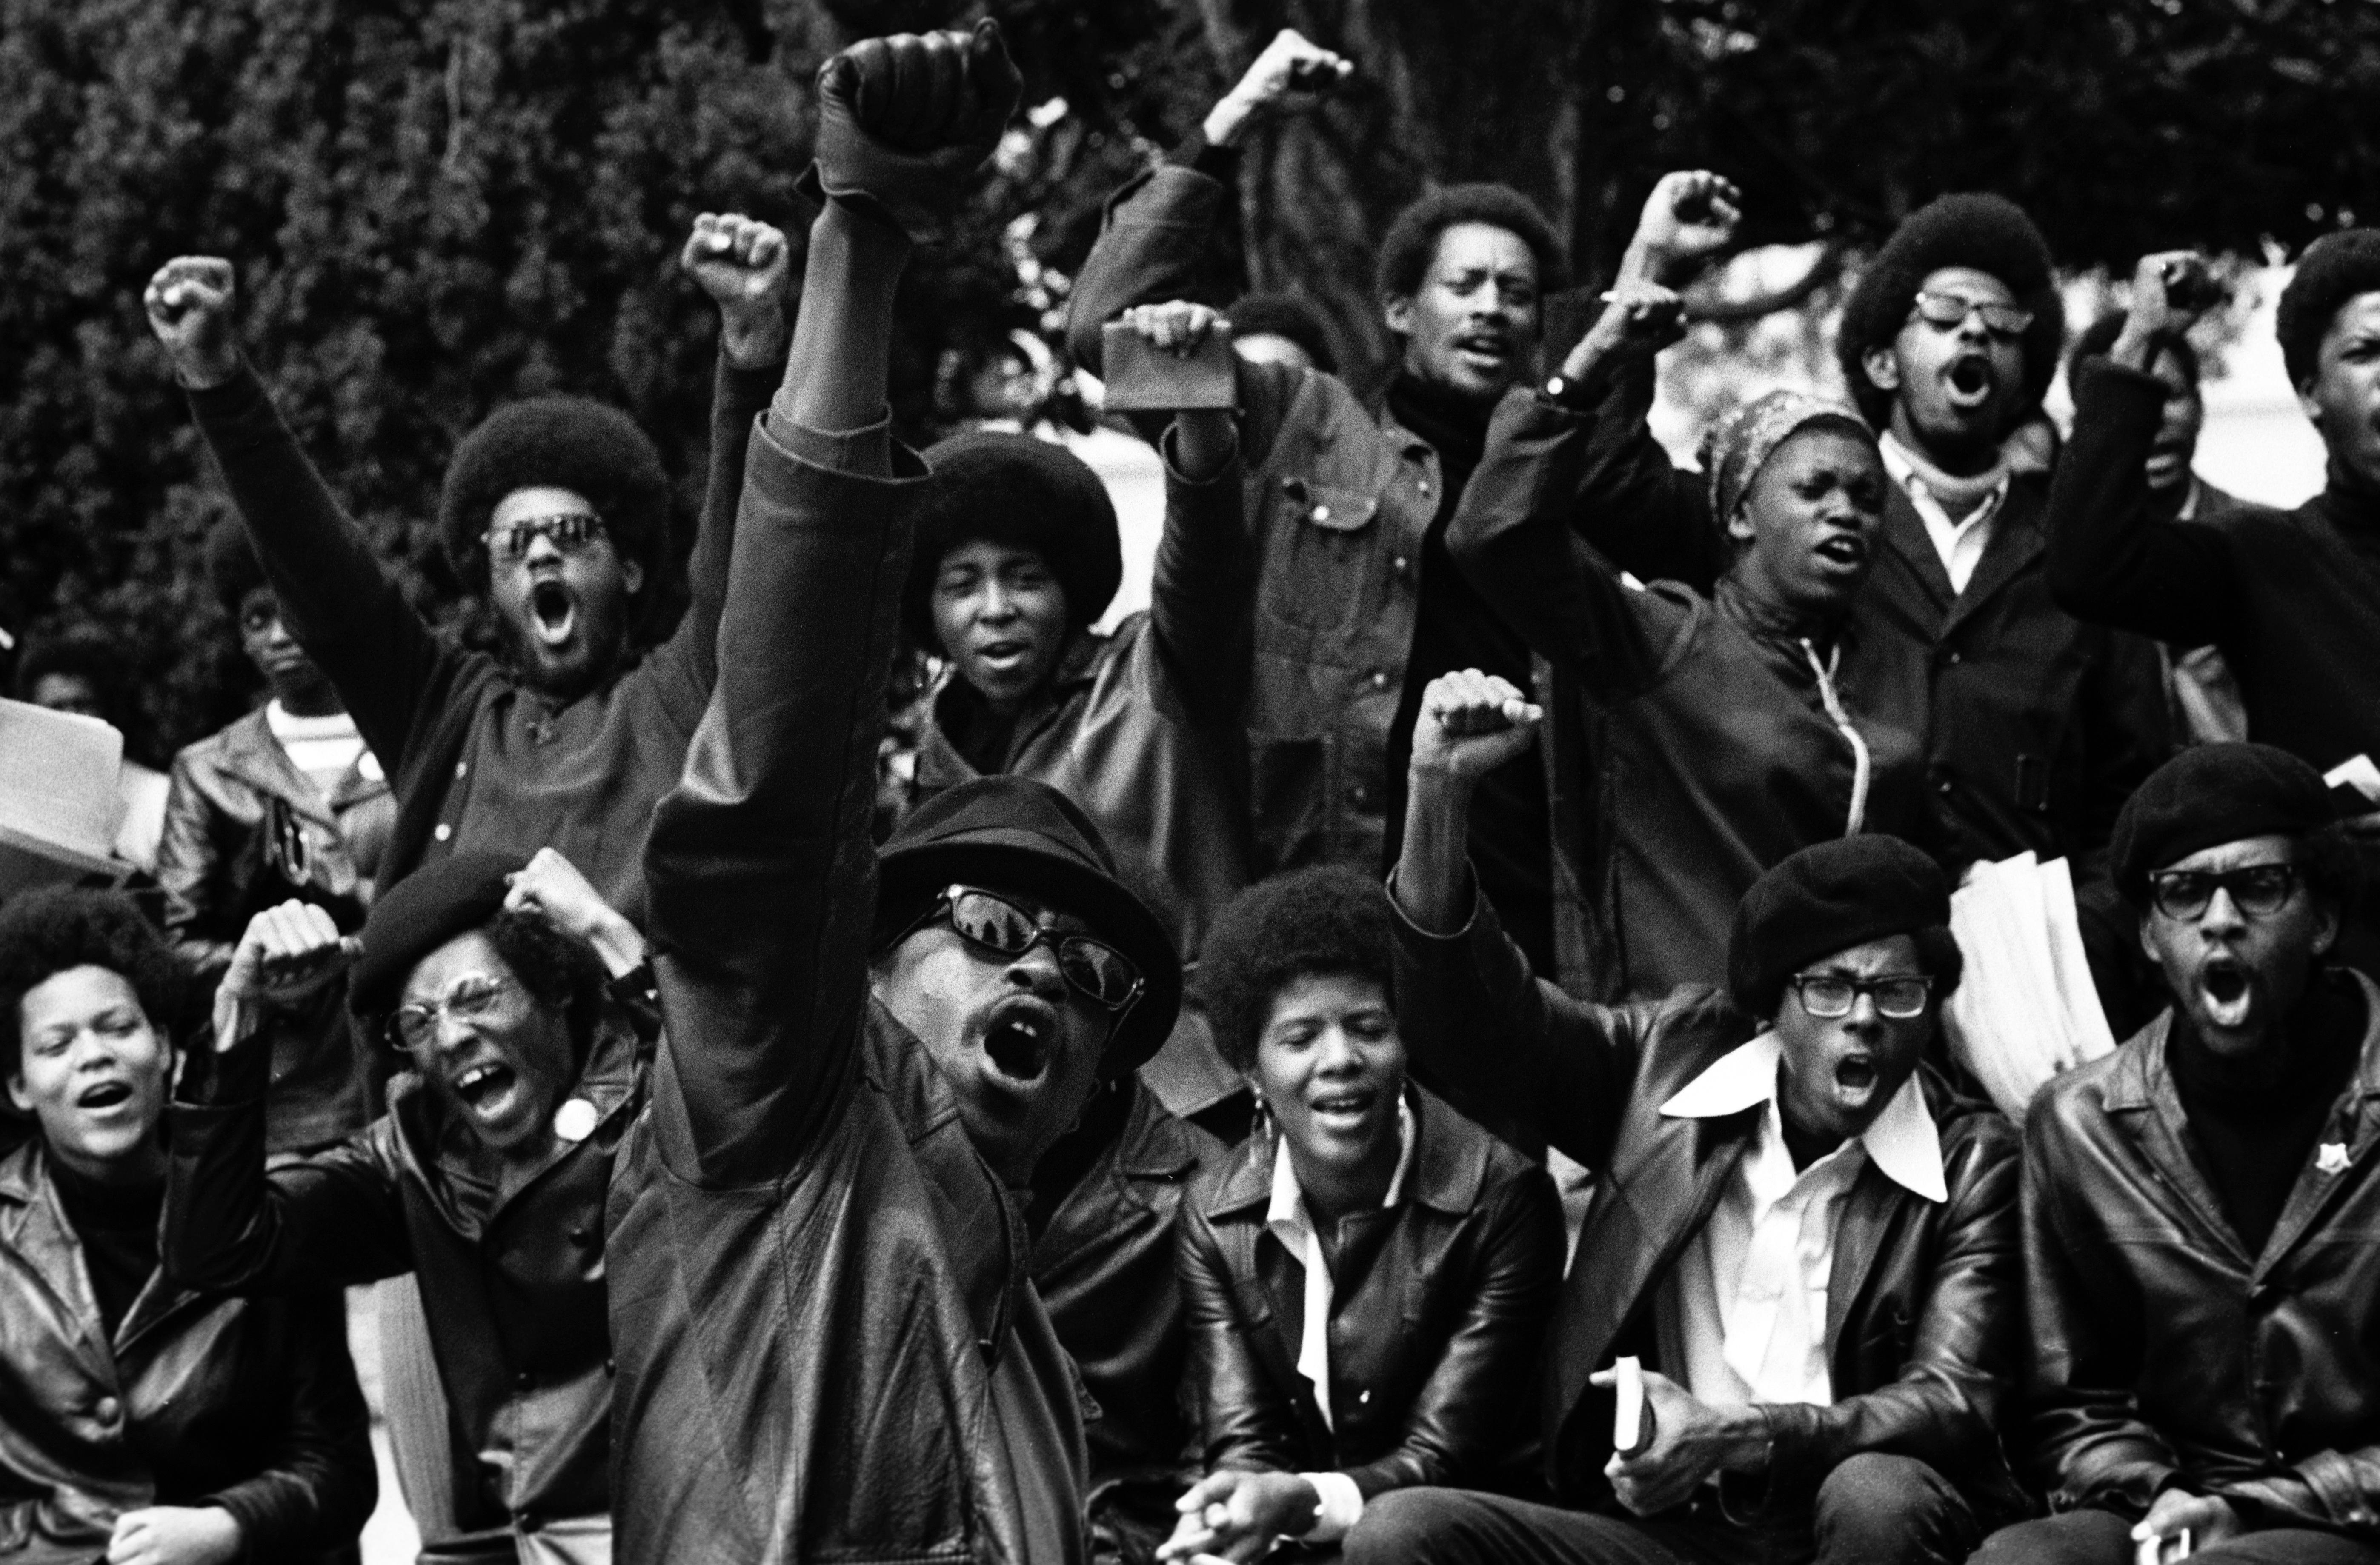 Des membres du Black Panther Party, photographiés par Stephen Shames dans les années 1960.